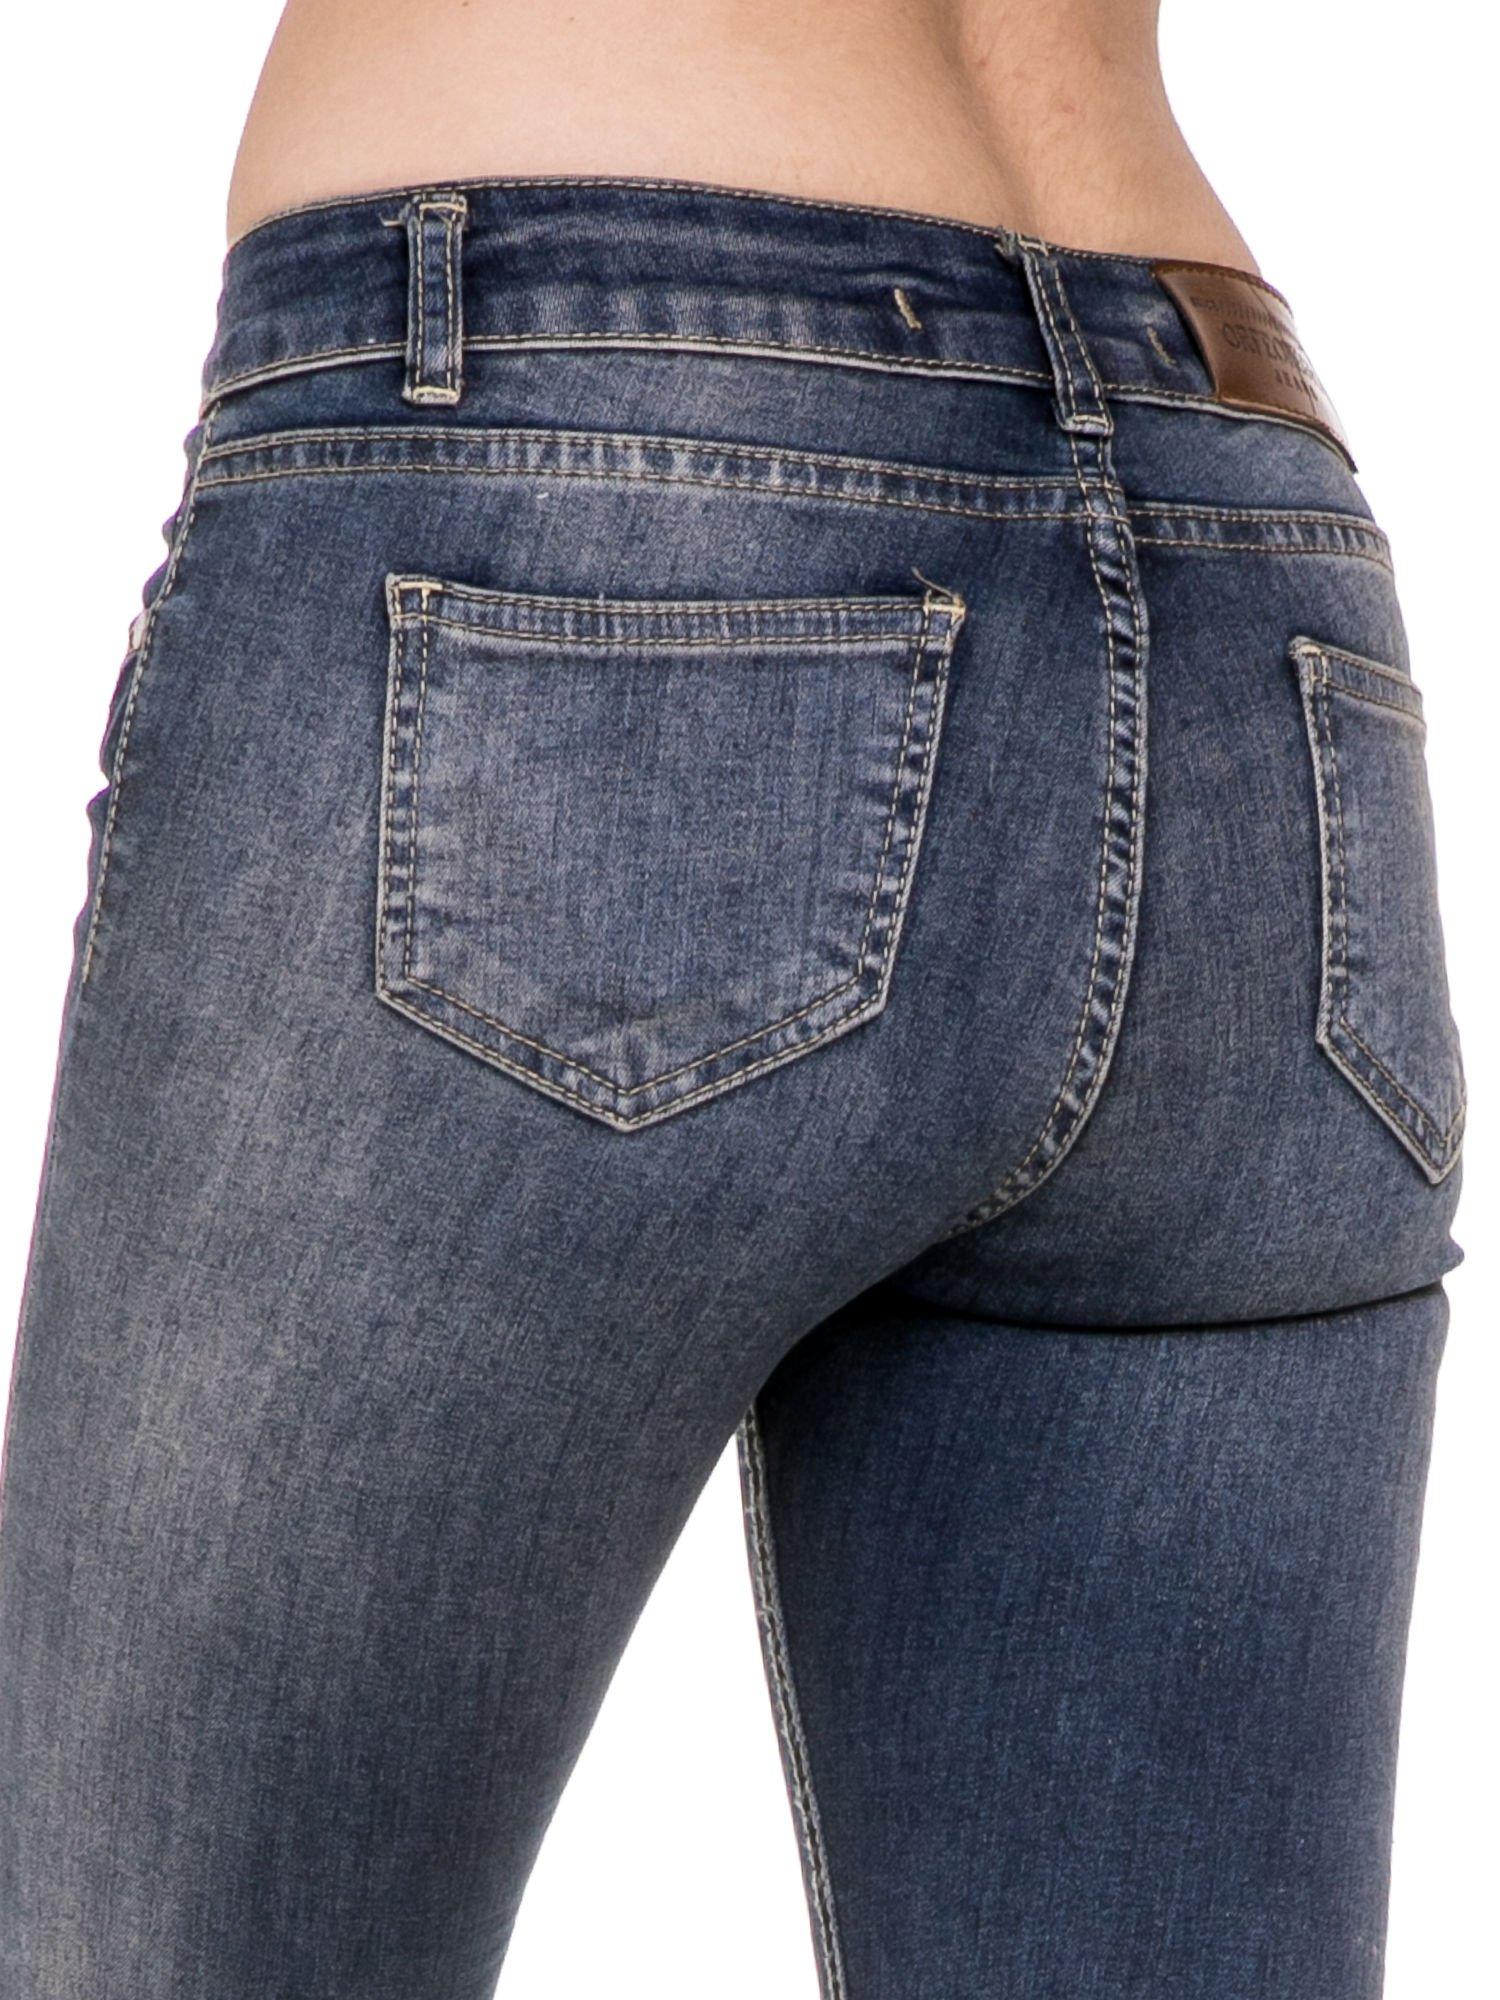 Ciemnoniebieskie rozjaśniane spodnie jeansowe rurki z przetarciami                                  zdj.                                  7